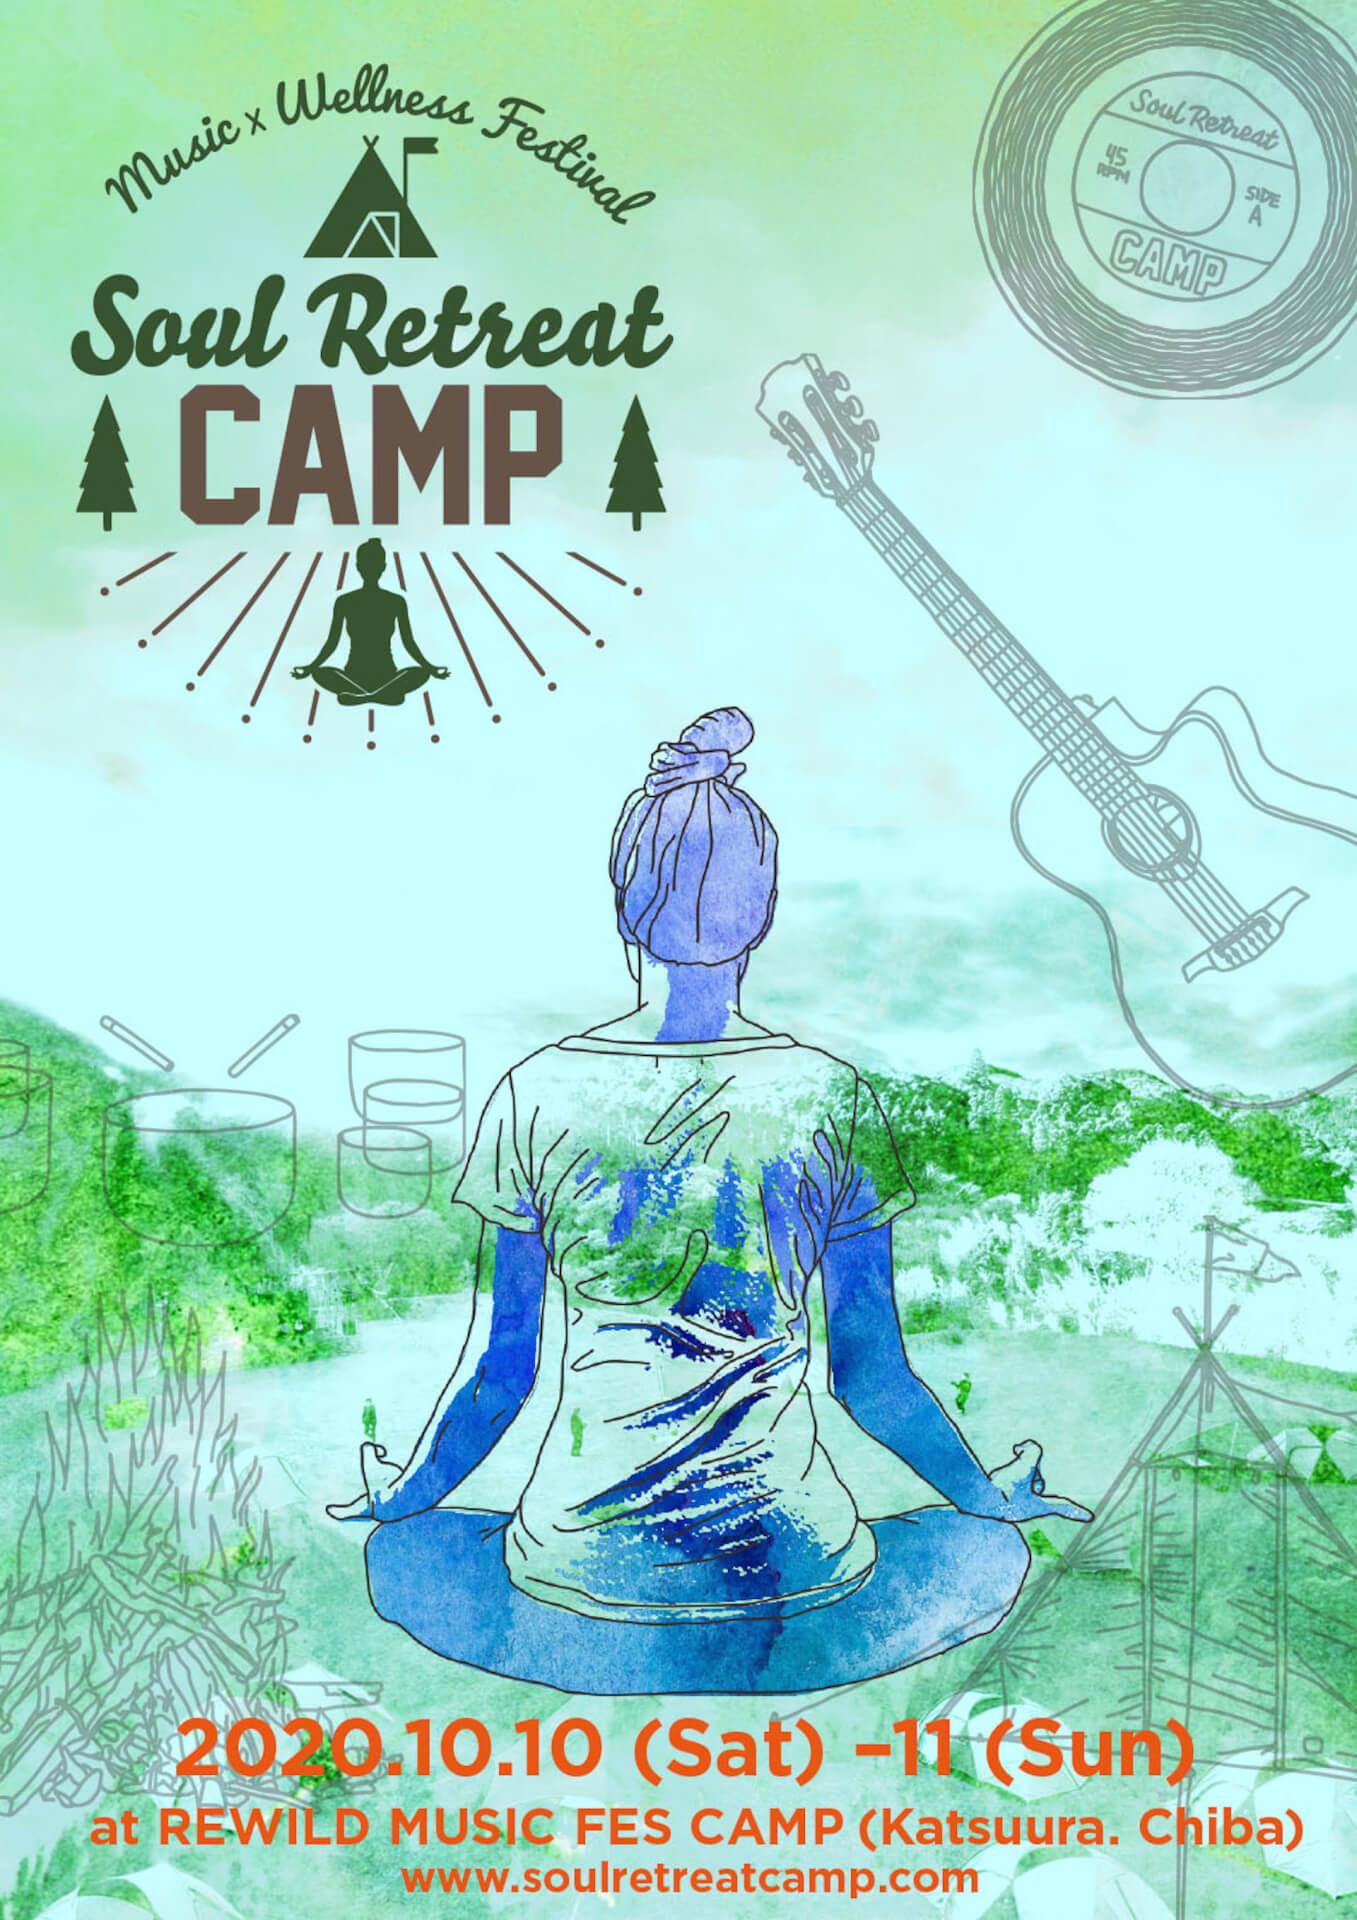 キャンプ、音楽、ヨガを楽しめるフェス<SOUL RETREAT CAMP>が開催決定!DJ HASEBE、MACKA-CHINが登場 ac200909_soulretreatcamp_01